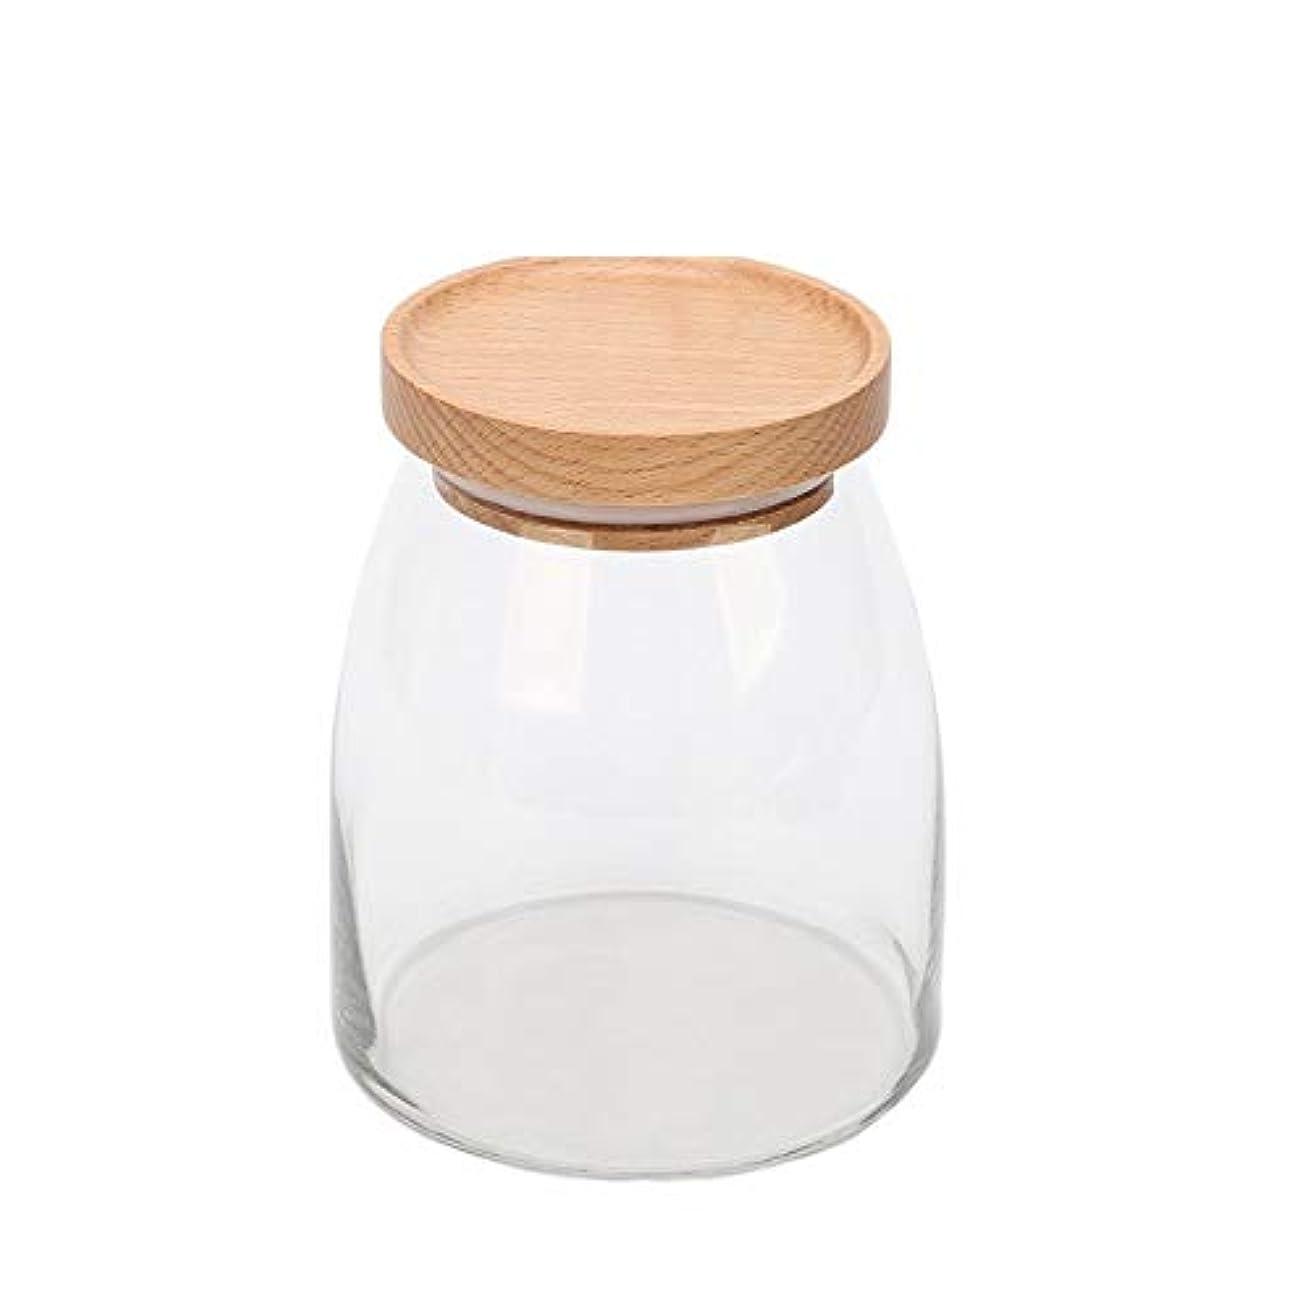 チャップ申し立て脇に貯蔵タンク、透明ガラス貯蔵タンク、家庭用食品、茶瓶